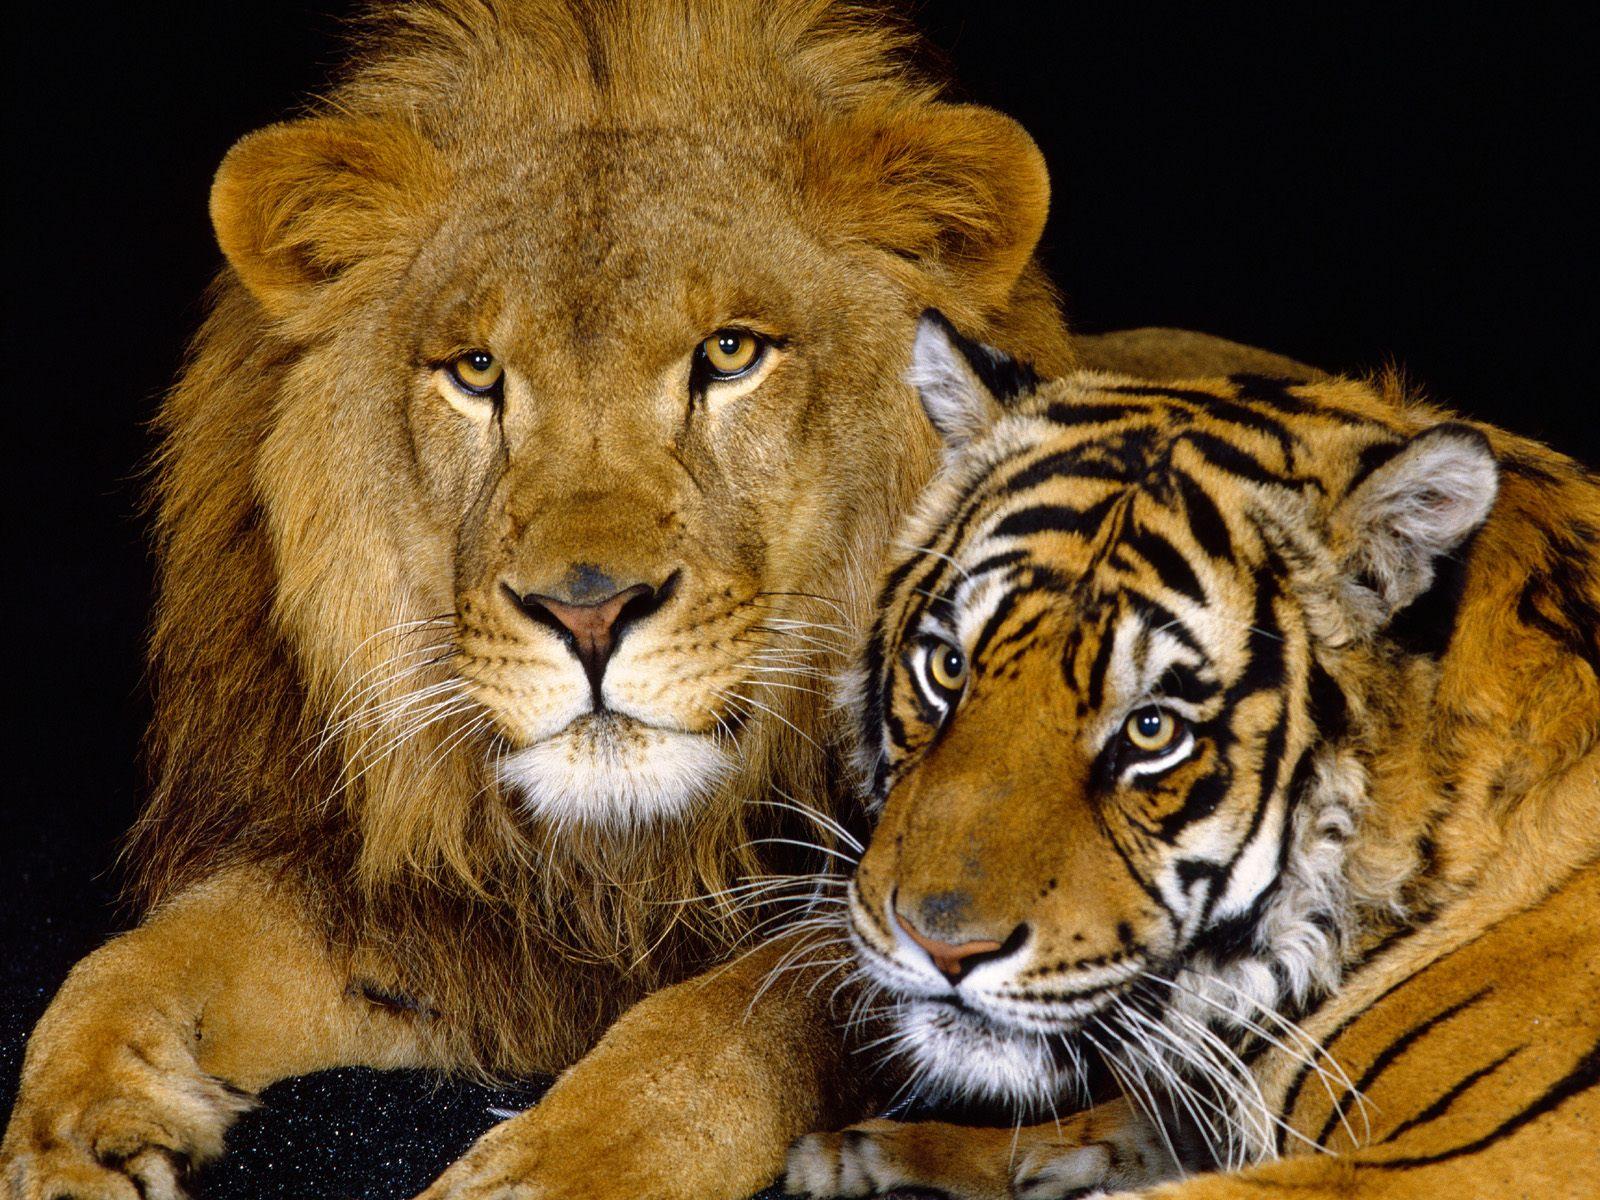 pin lion hd 3 - photo #4